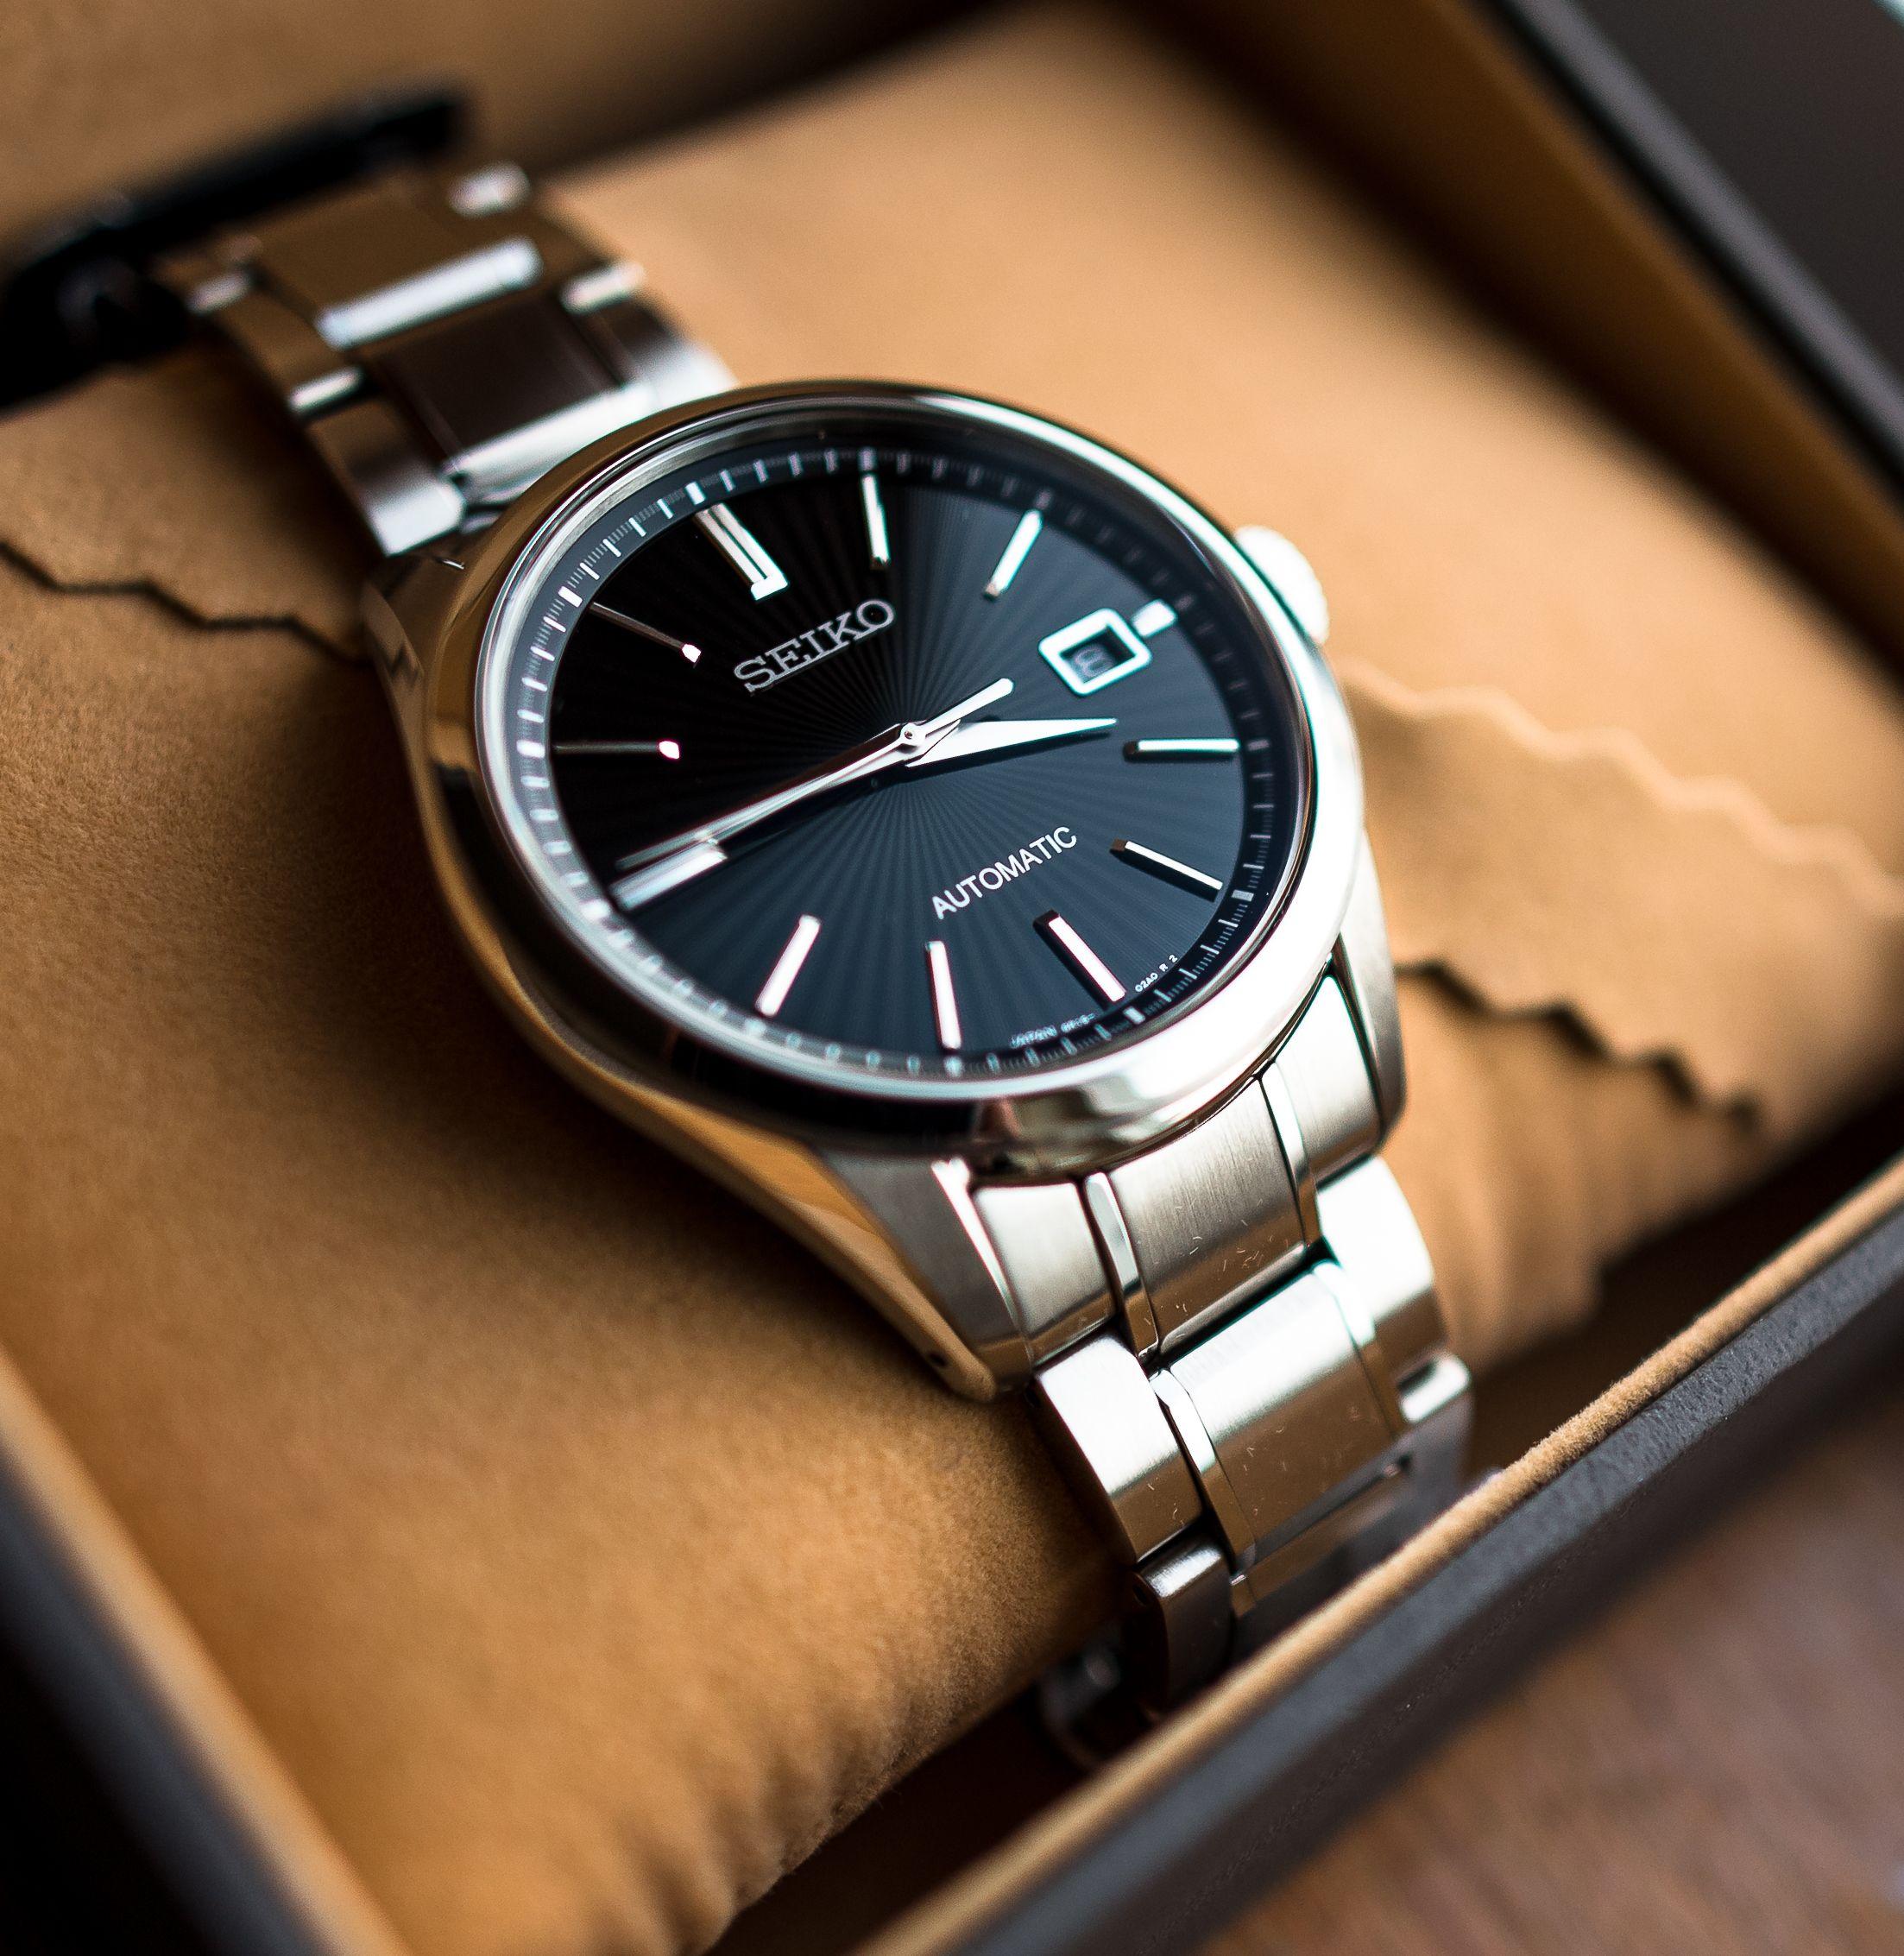 SEIKO BRIGHTZ, SDGM003, GRAND COCKTAIL | My Seiko watches ...